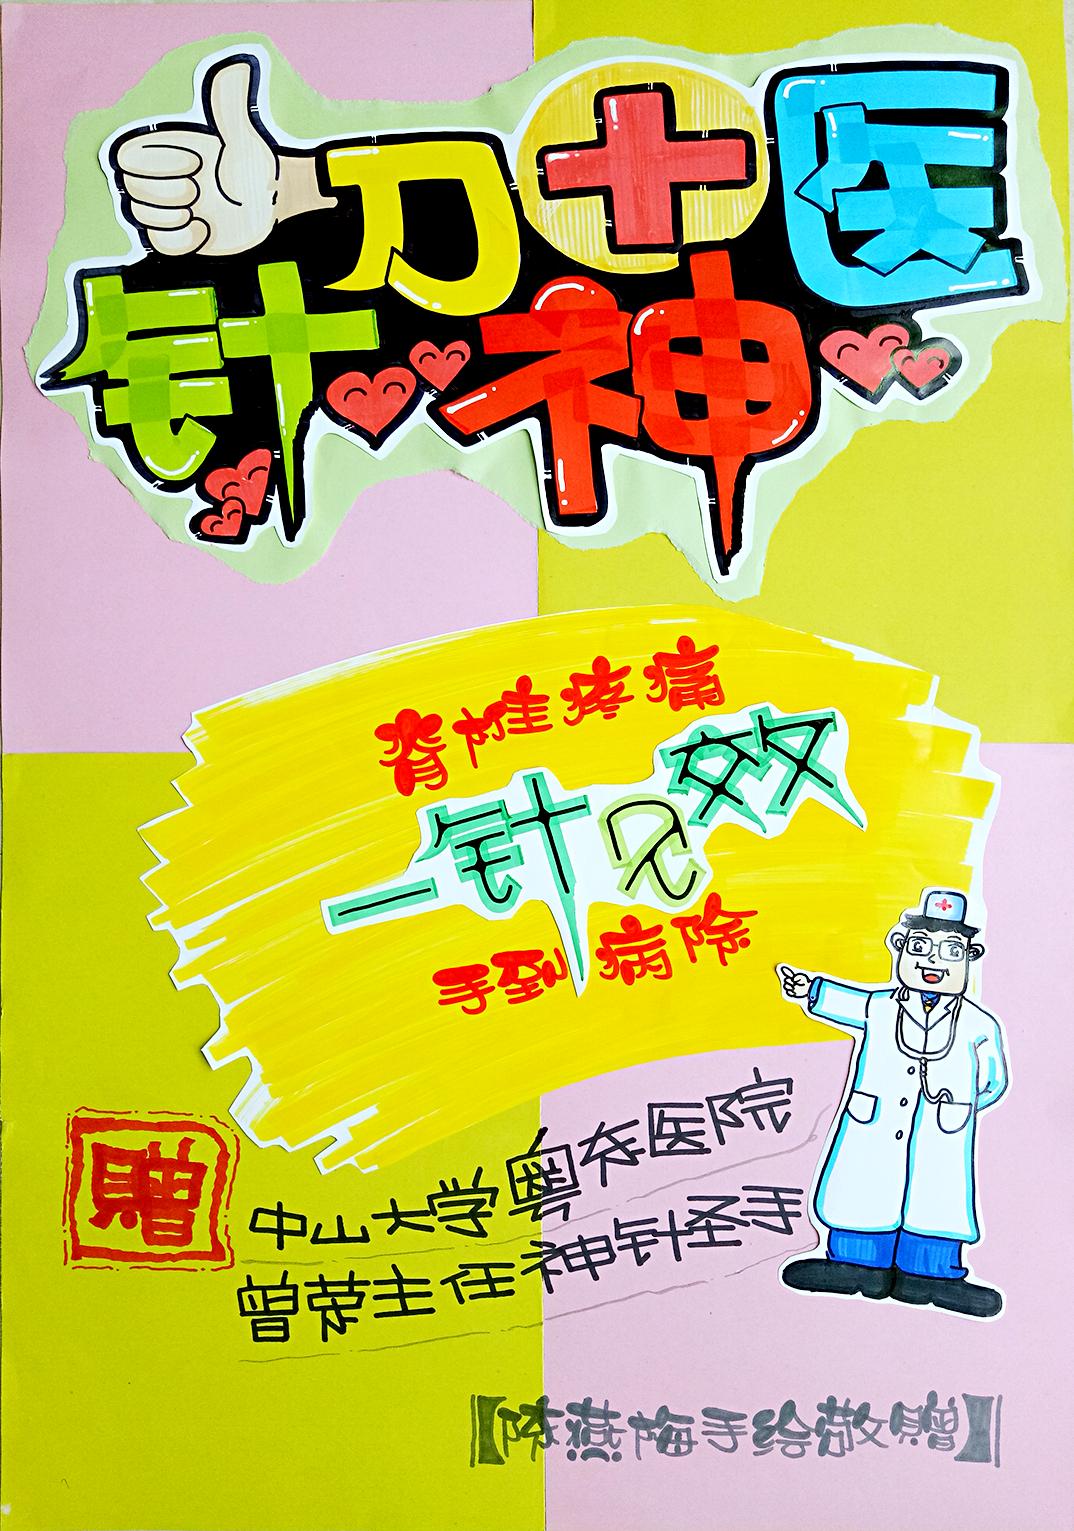 pop手绘天下,涵盖汉字,数字,字母,插图的艺